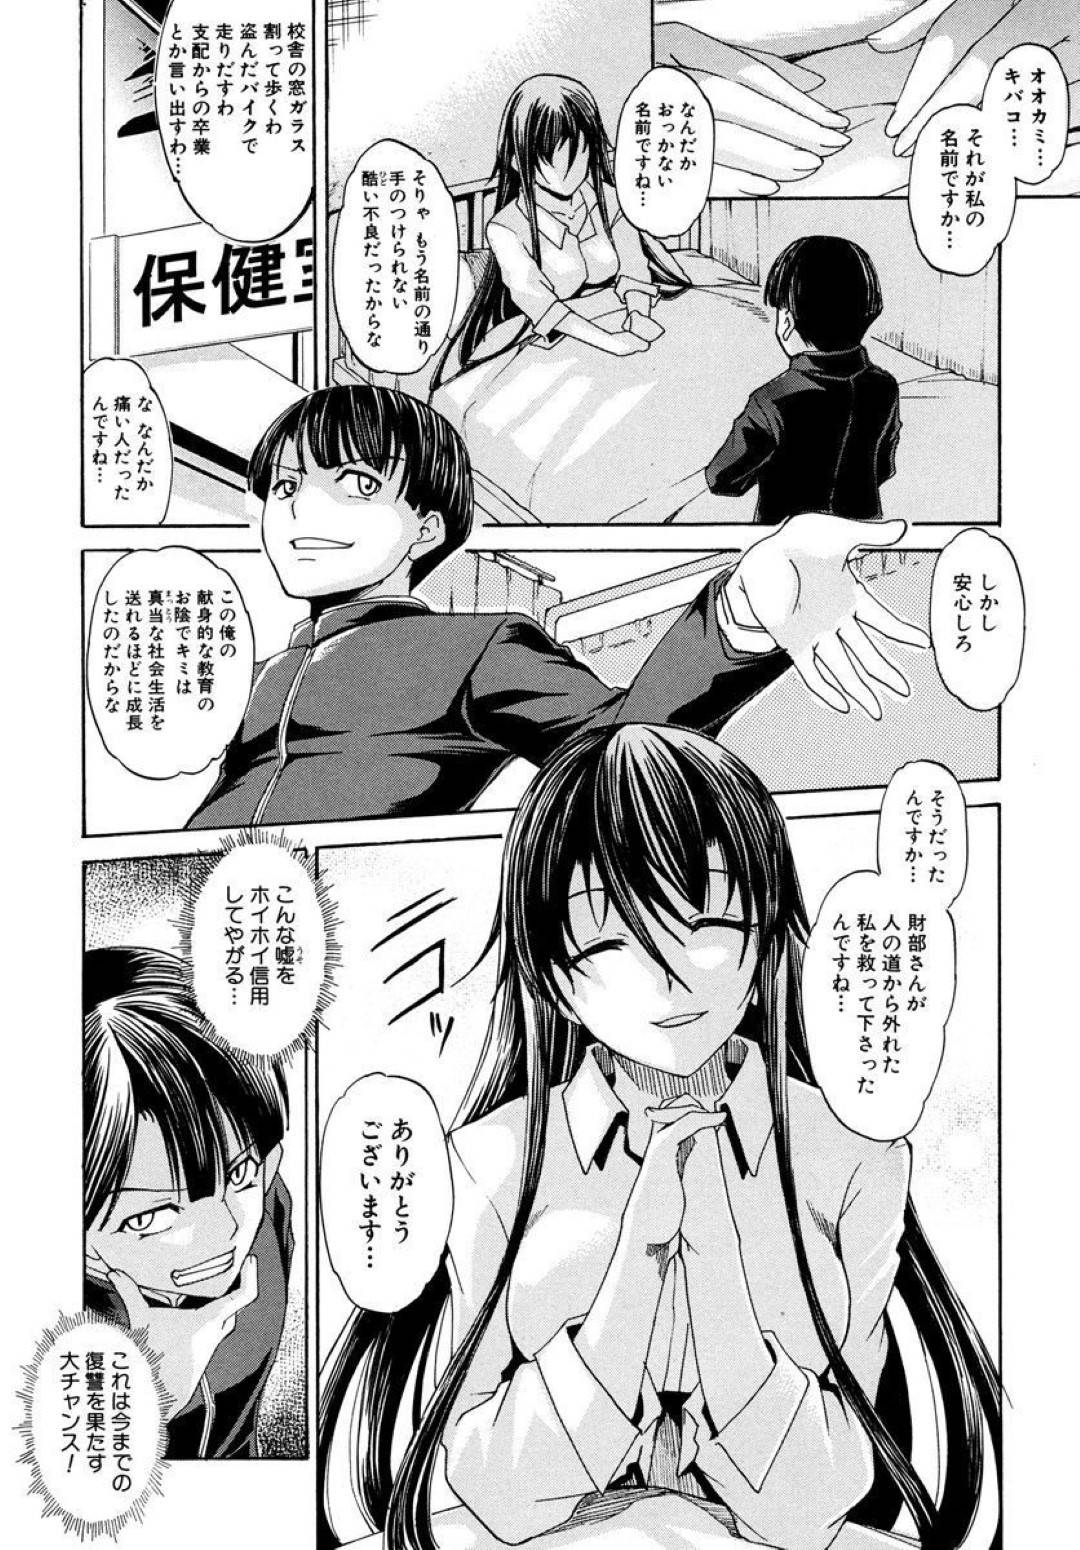 【エロ漫画】同級生の男とセックスをする羽目となったクール女生徒会長…抗えない彼女は男の前でオナニーさせられたり、アナルを責められたりした後、正常位でチンポをハメられてしまう。【天乃一水:めめんと】